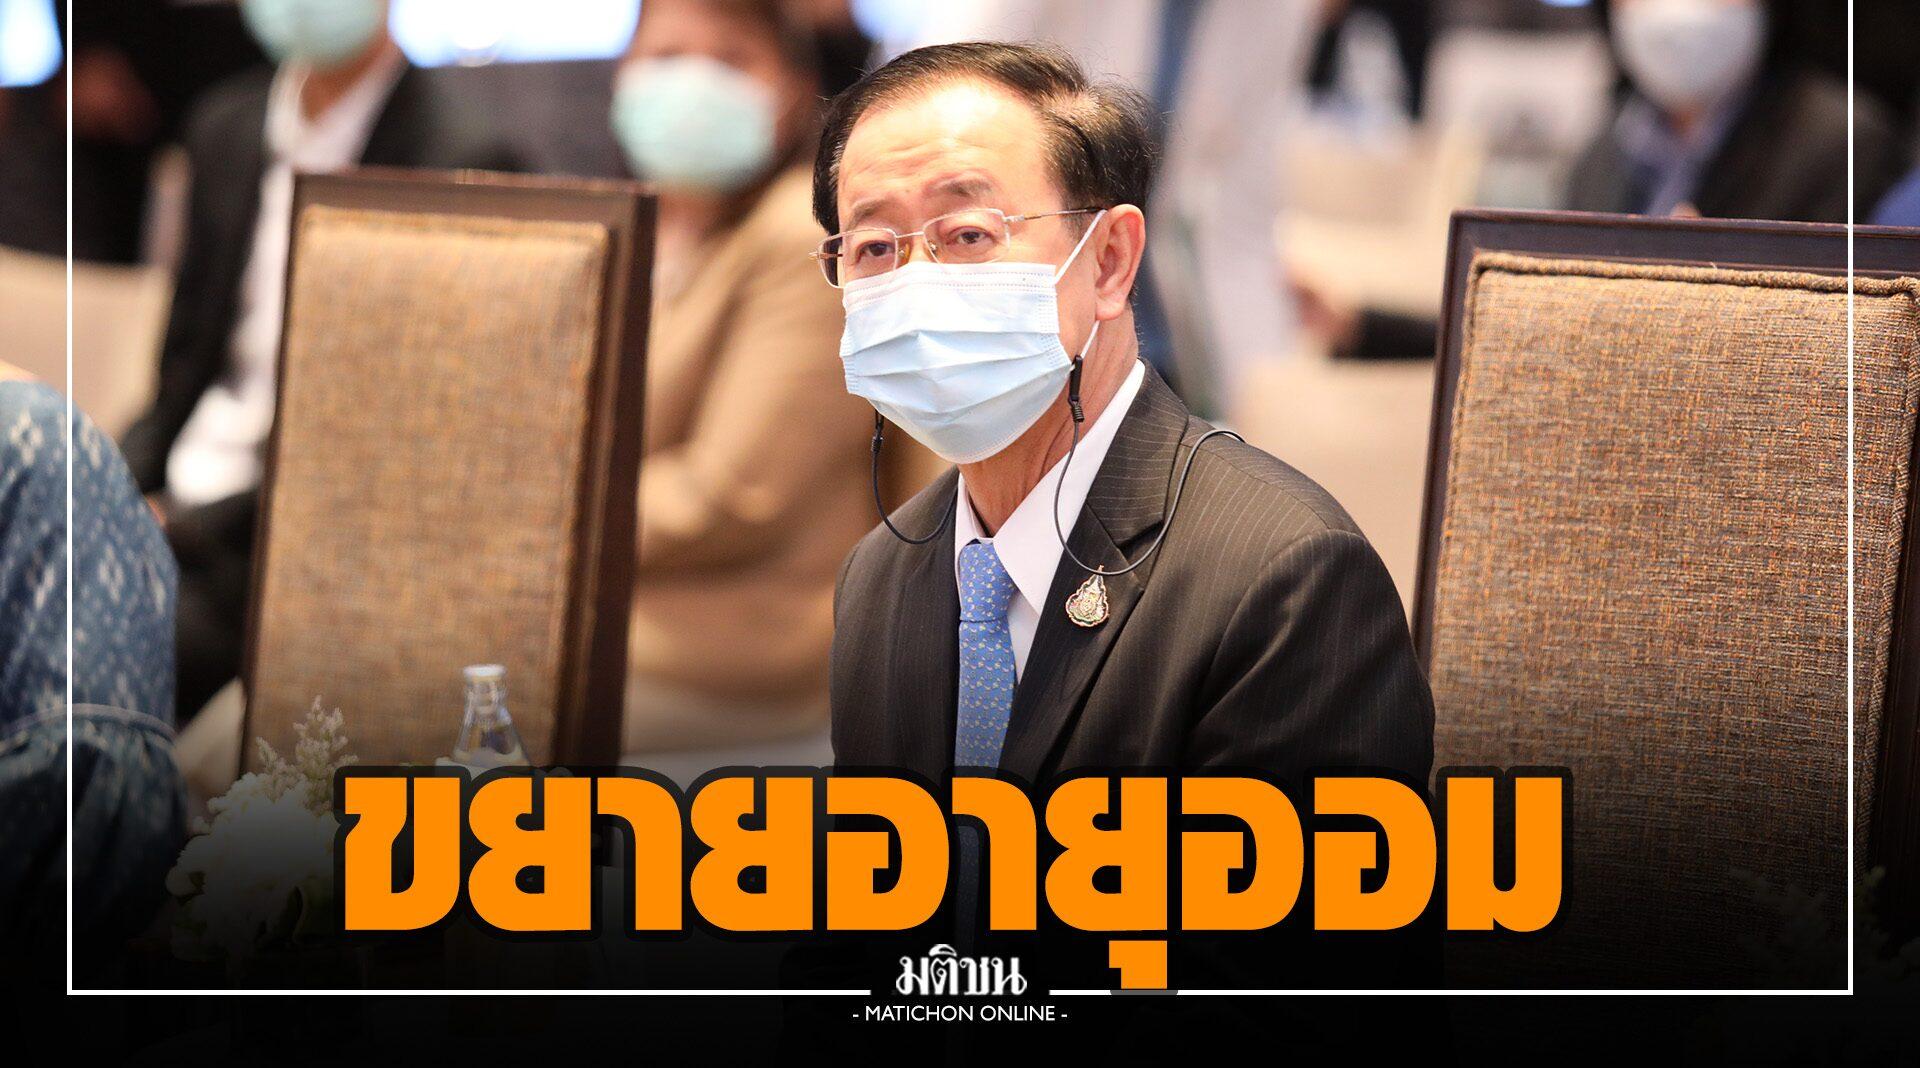 อาคม สั่ง กอช. ศึกษาขยายอายุผู้ออม เป็น 60 ปี รองรับไทยเข้าสู่สังคมผู้สูงอายุ